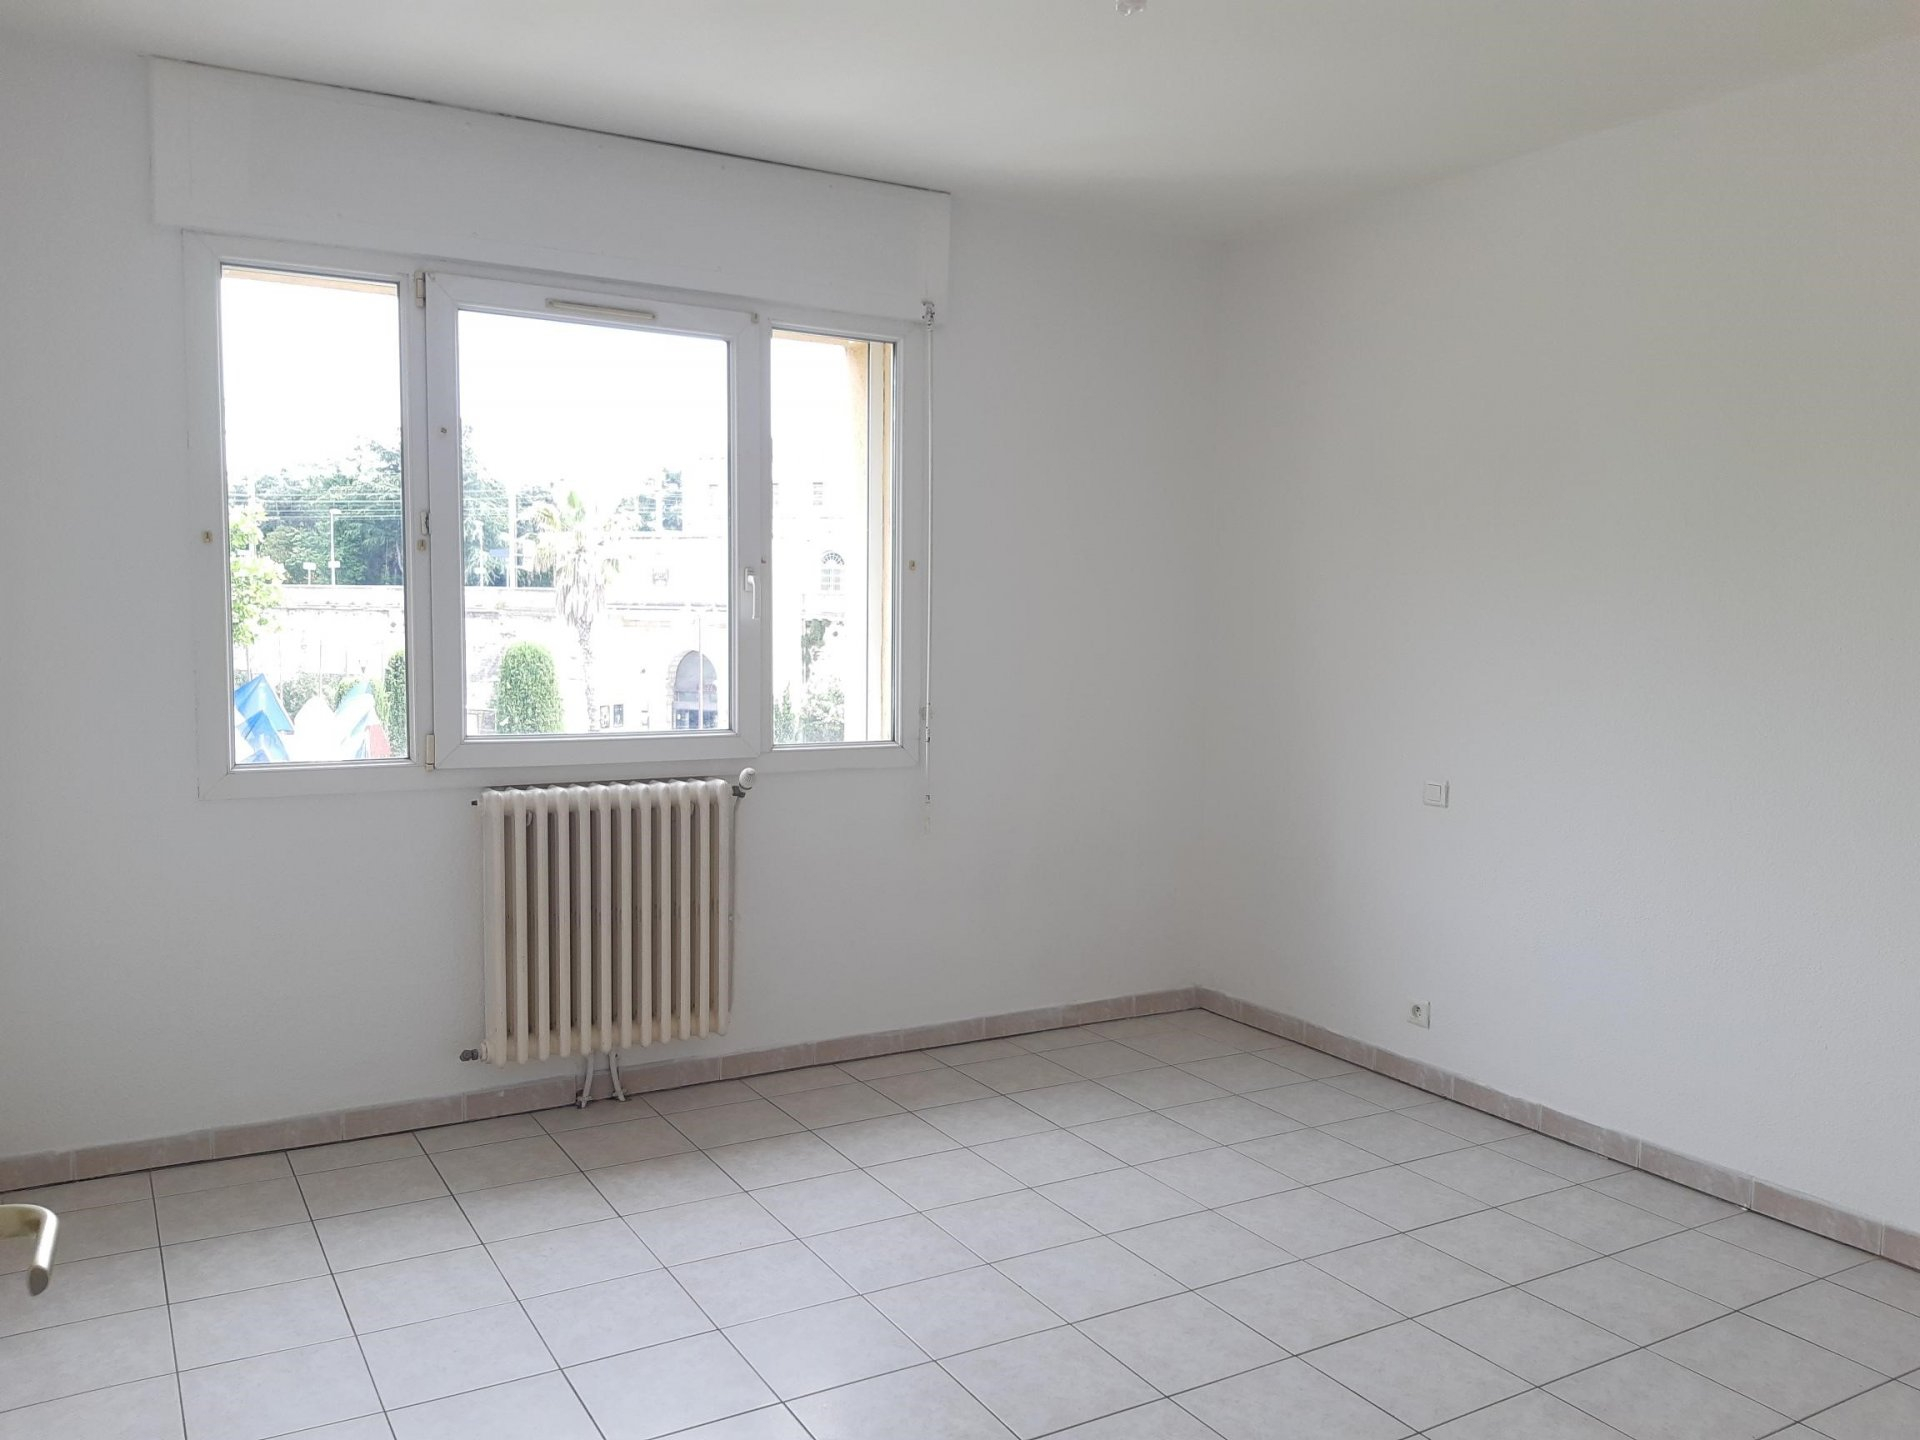 Location Appartement TARASCON séjour de 17.41 m²